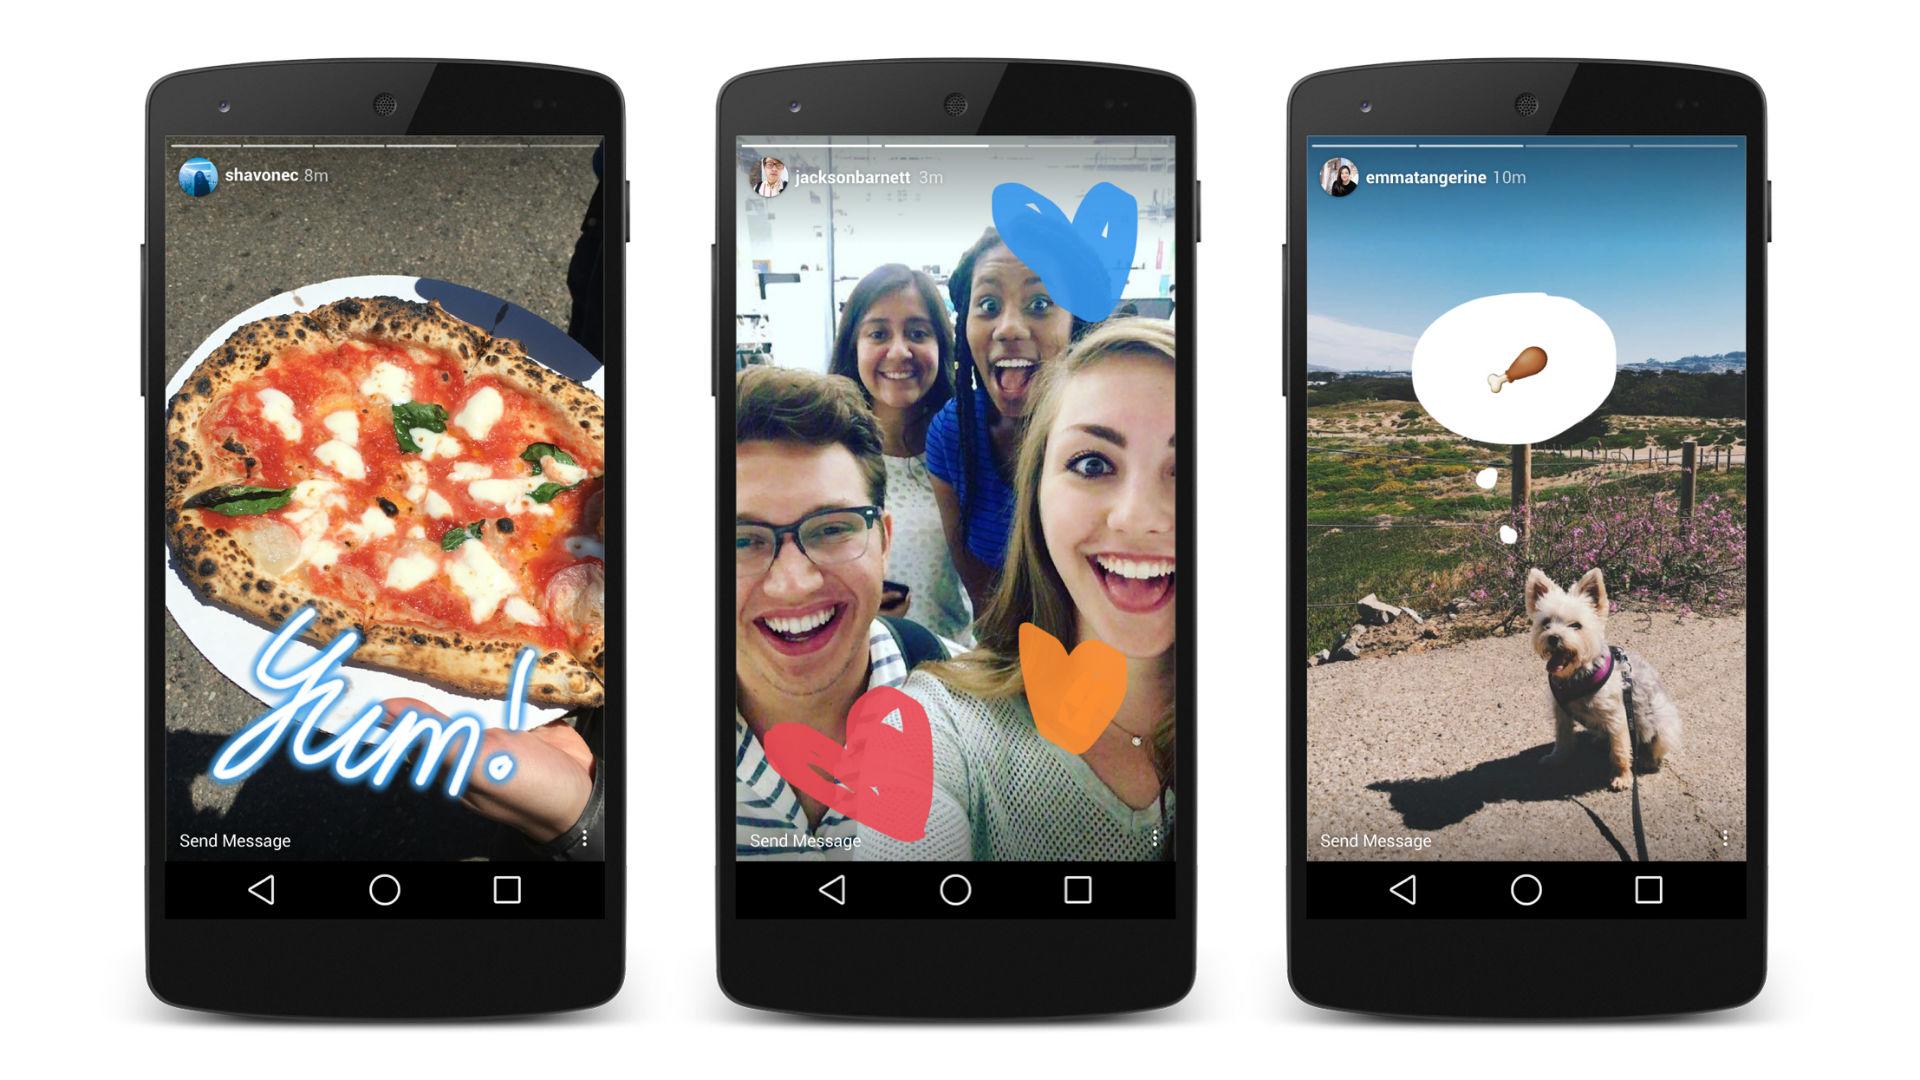 यामध्ये फेसबुक मेसेंजरने तुम्हाला व्हॉट्सअॅप आणि इन्स्टाग्रामवर मेसेज करता येणार आहे आणि इन्स्टाग्रामवरून स्टोरी पोस्ट करता येणार आहे.